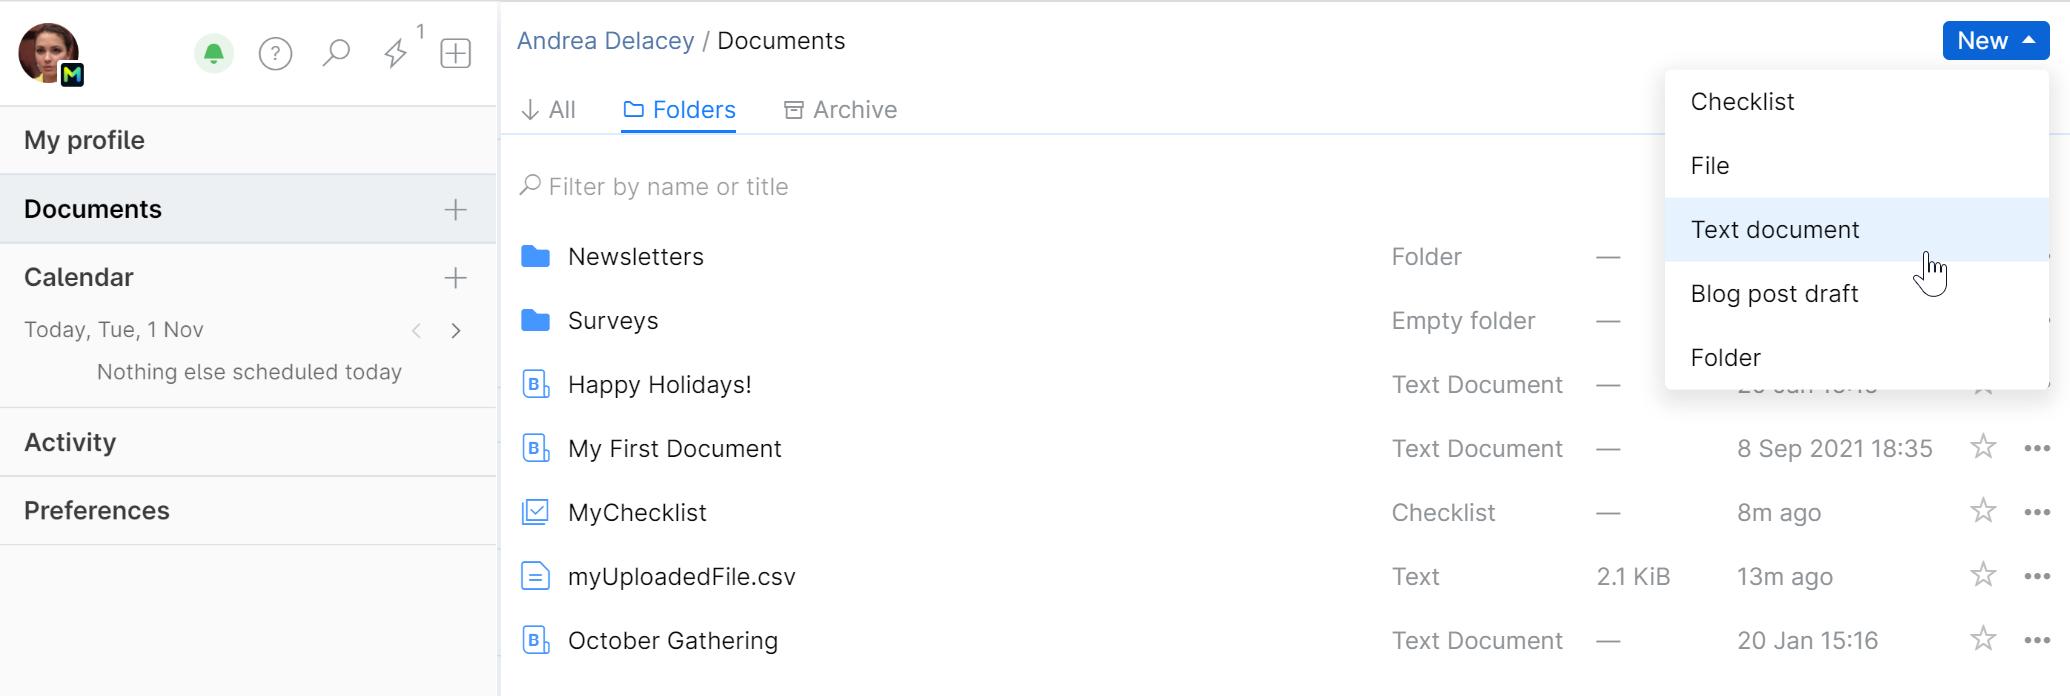 myDocumentsCreateTextDocument.png